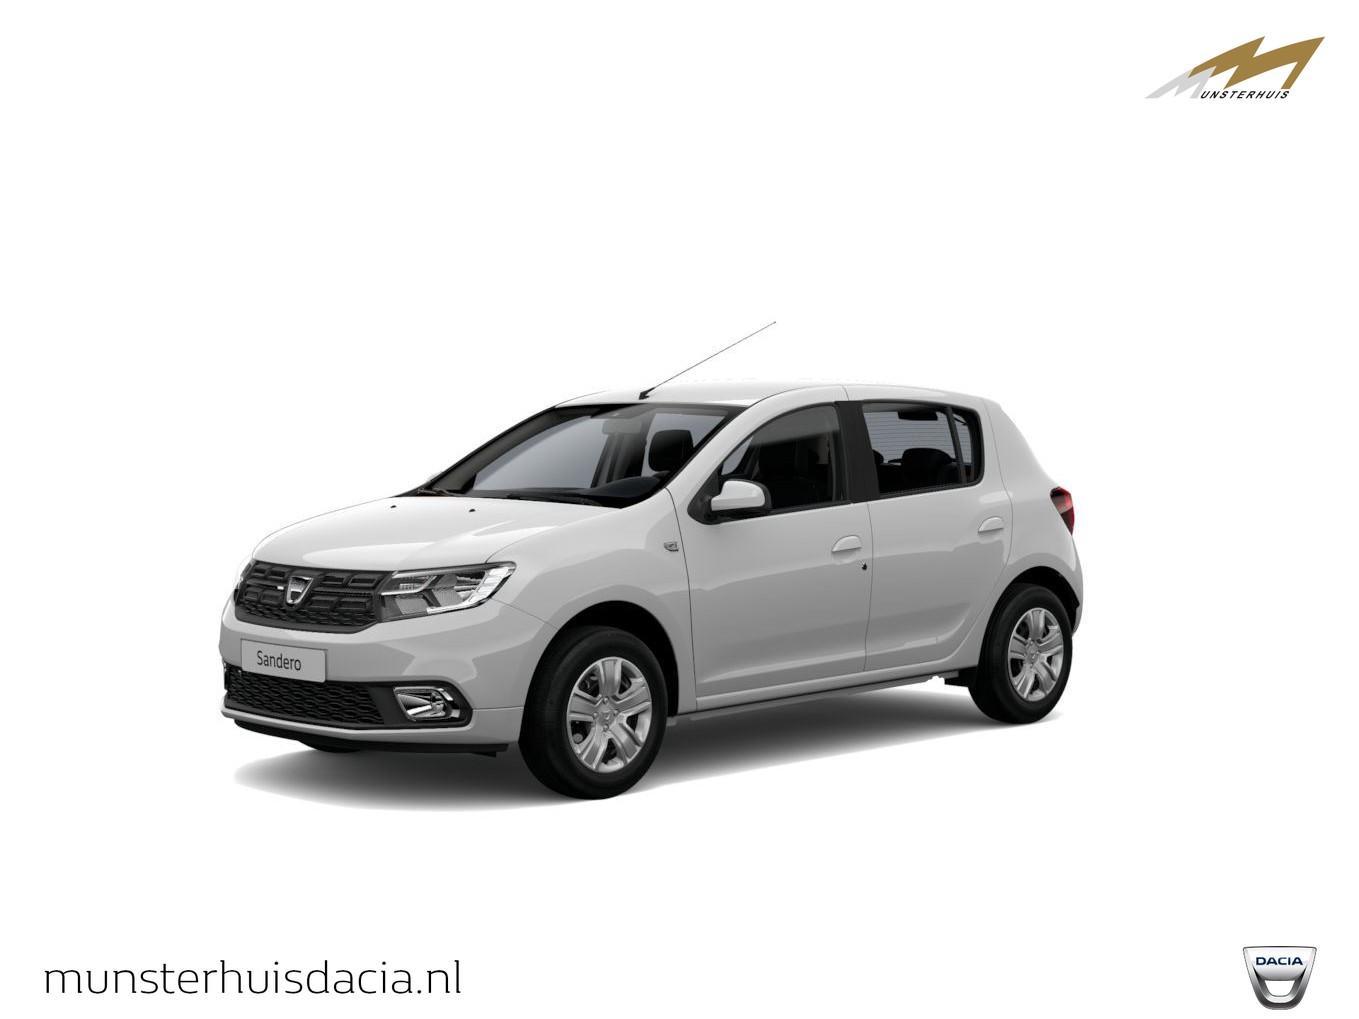 Dacia Sandero Tce 100 bi-fuel comfort - nieuw - lpg installatie - wordt verwacht